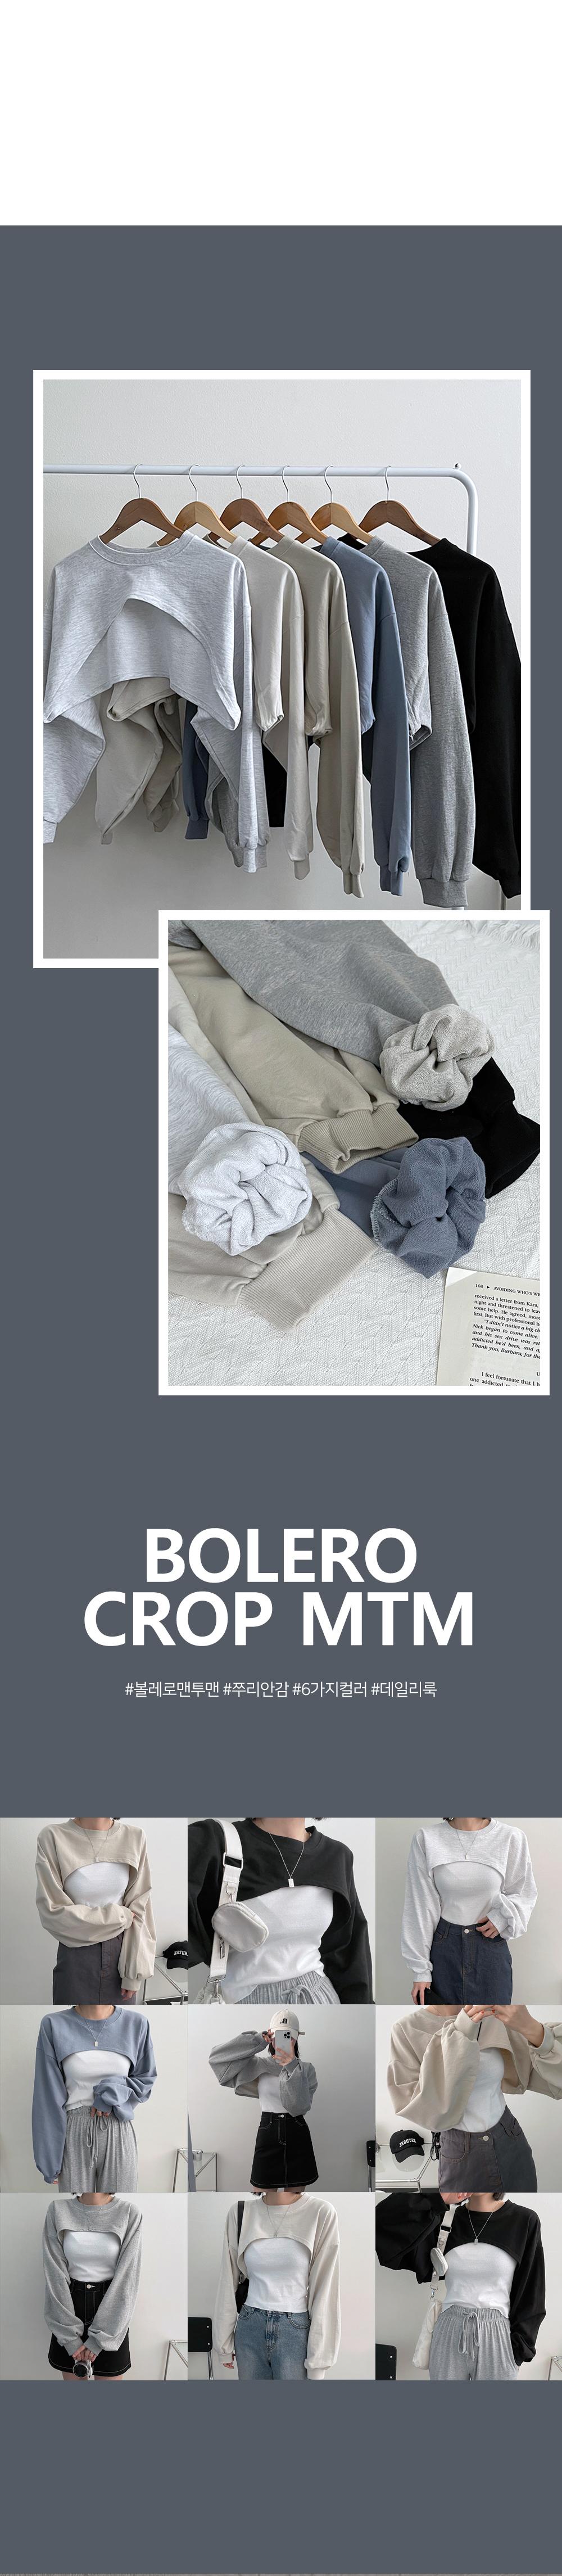 Muji Bolero Sweatshirt